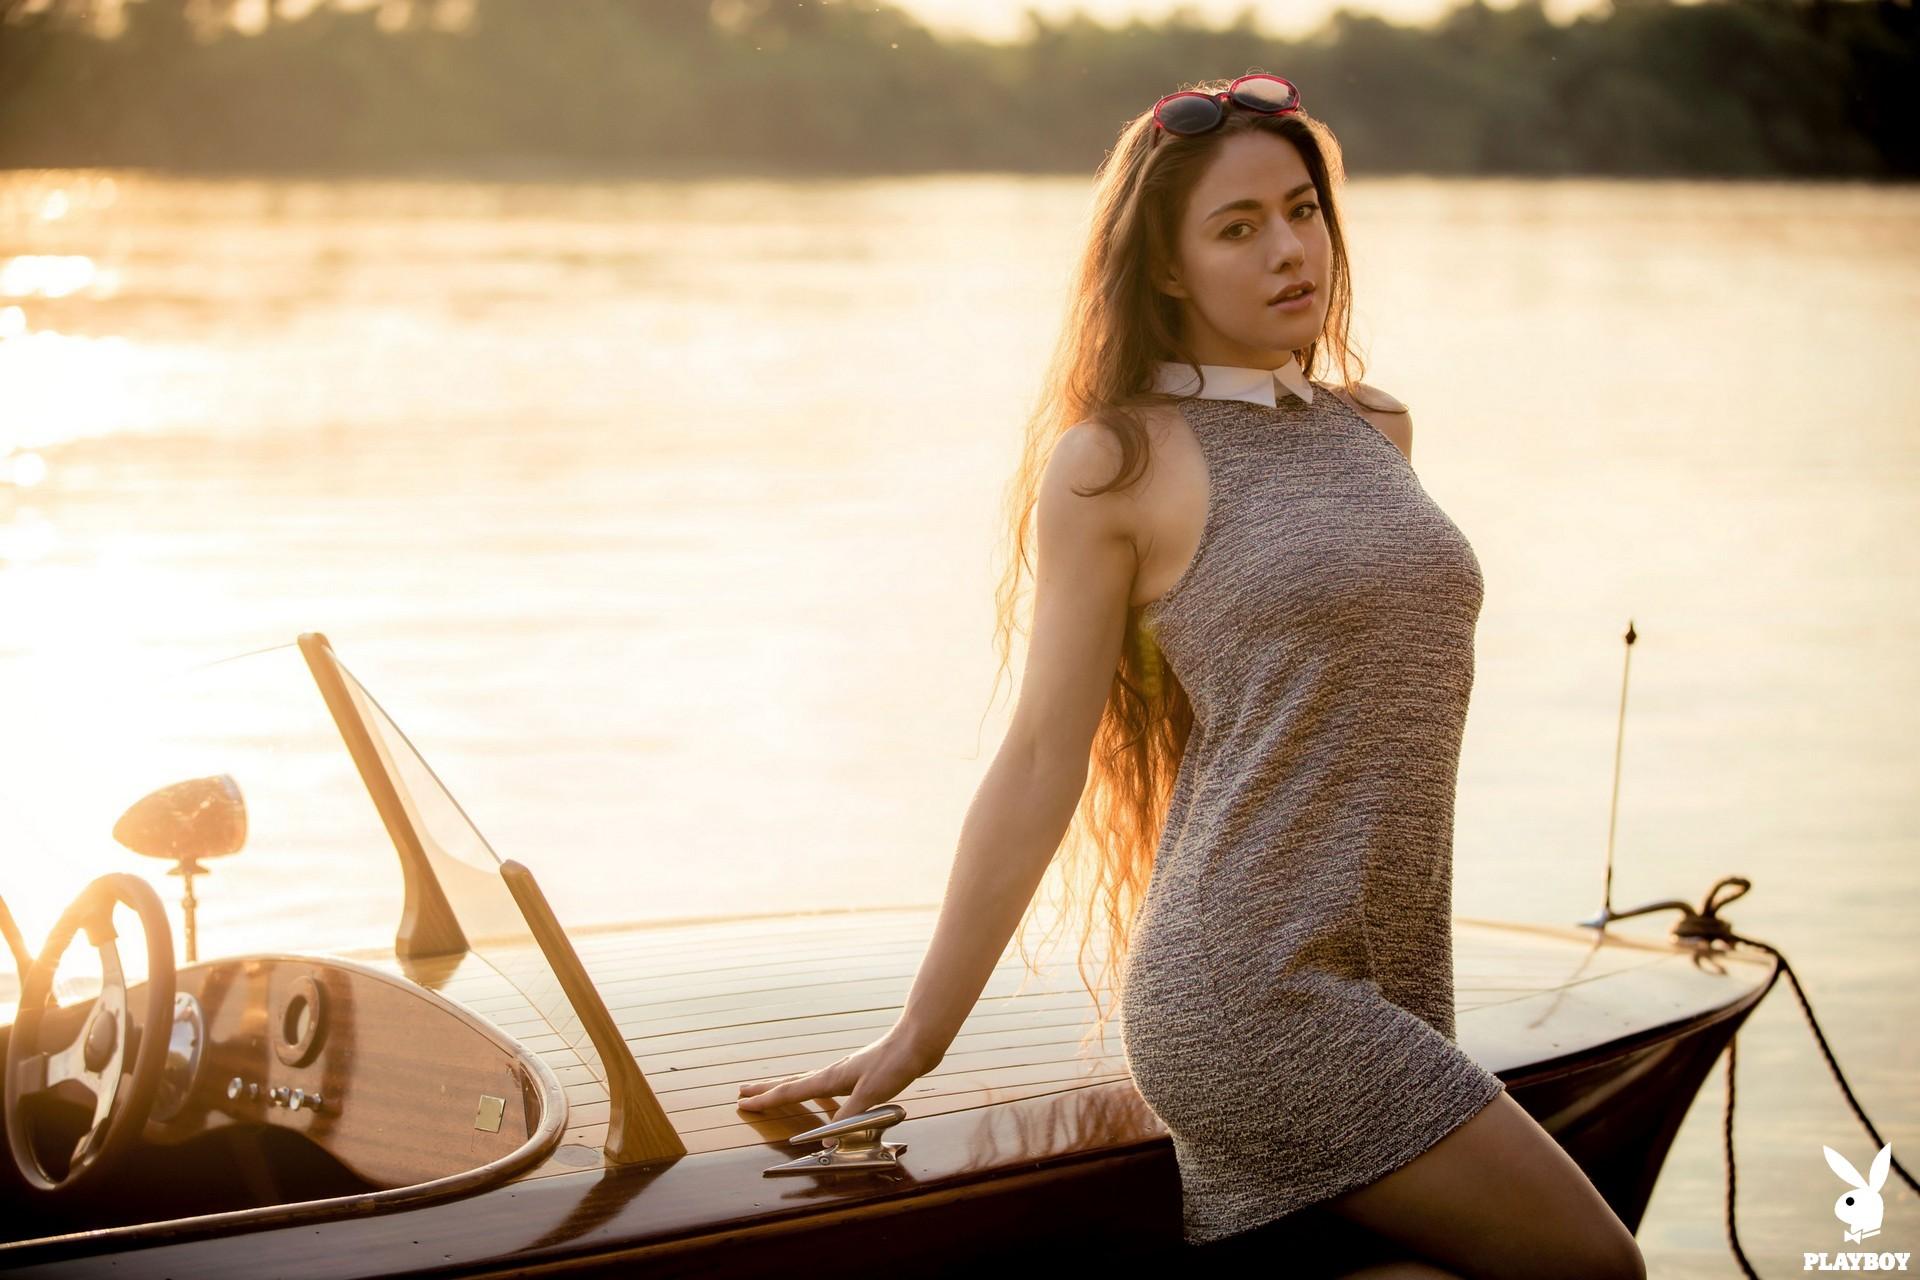 Joy Draiki in Sensational Voyage - Playboy Plus 30